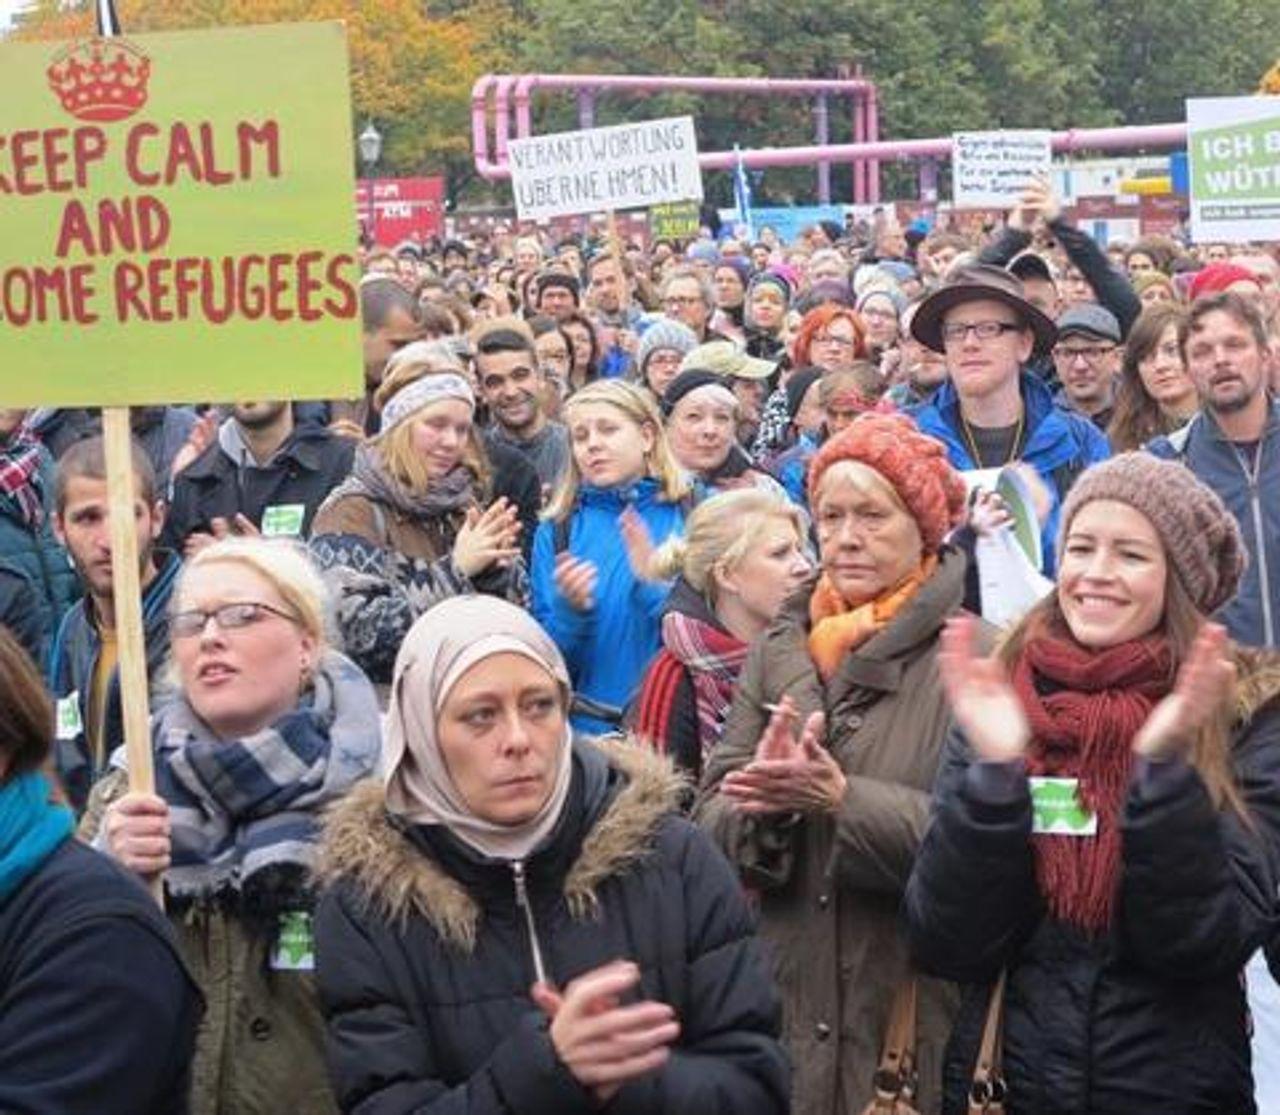 Pro-refugee demonstrators in Berlin